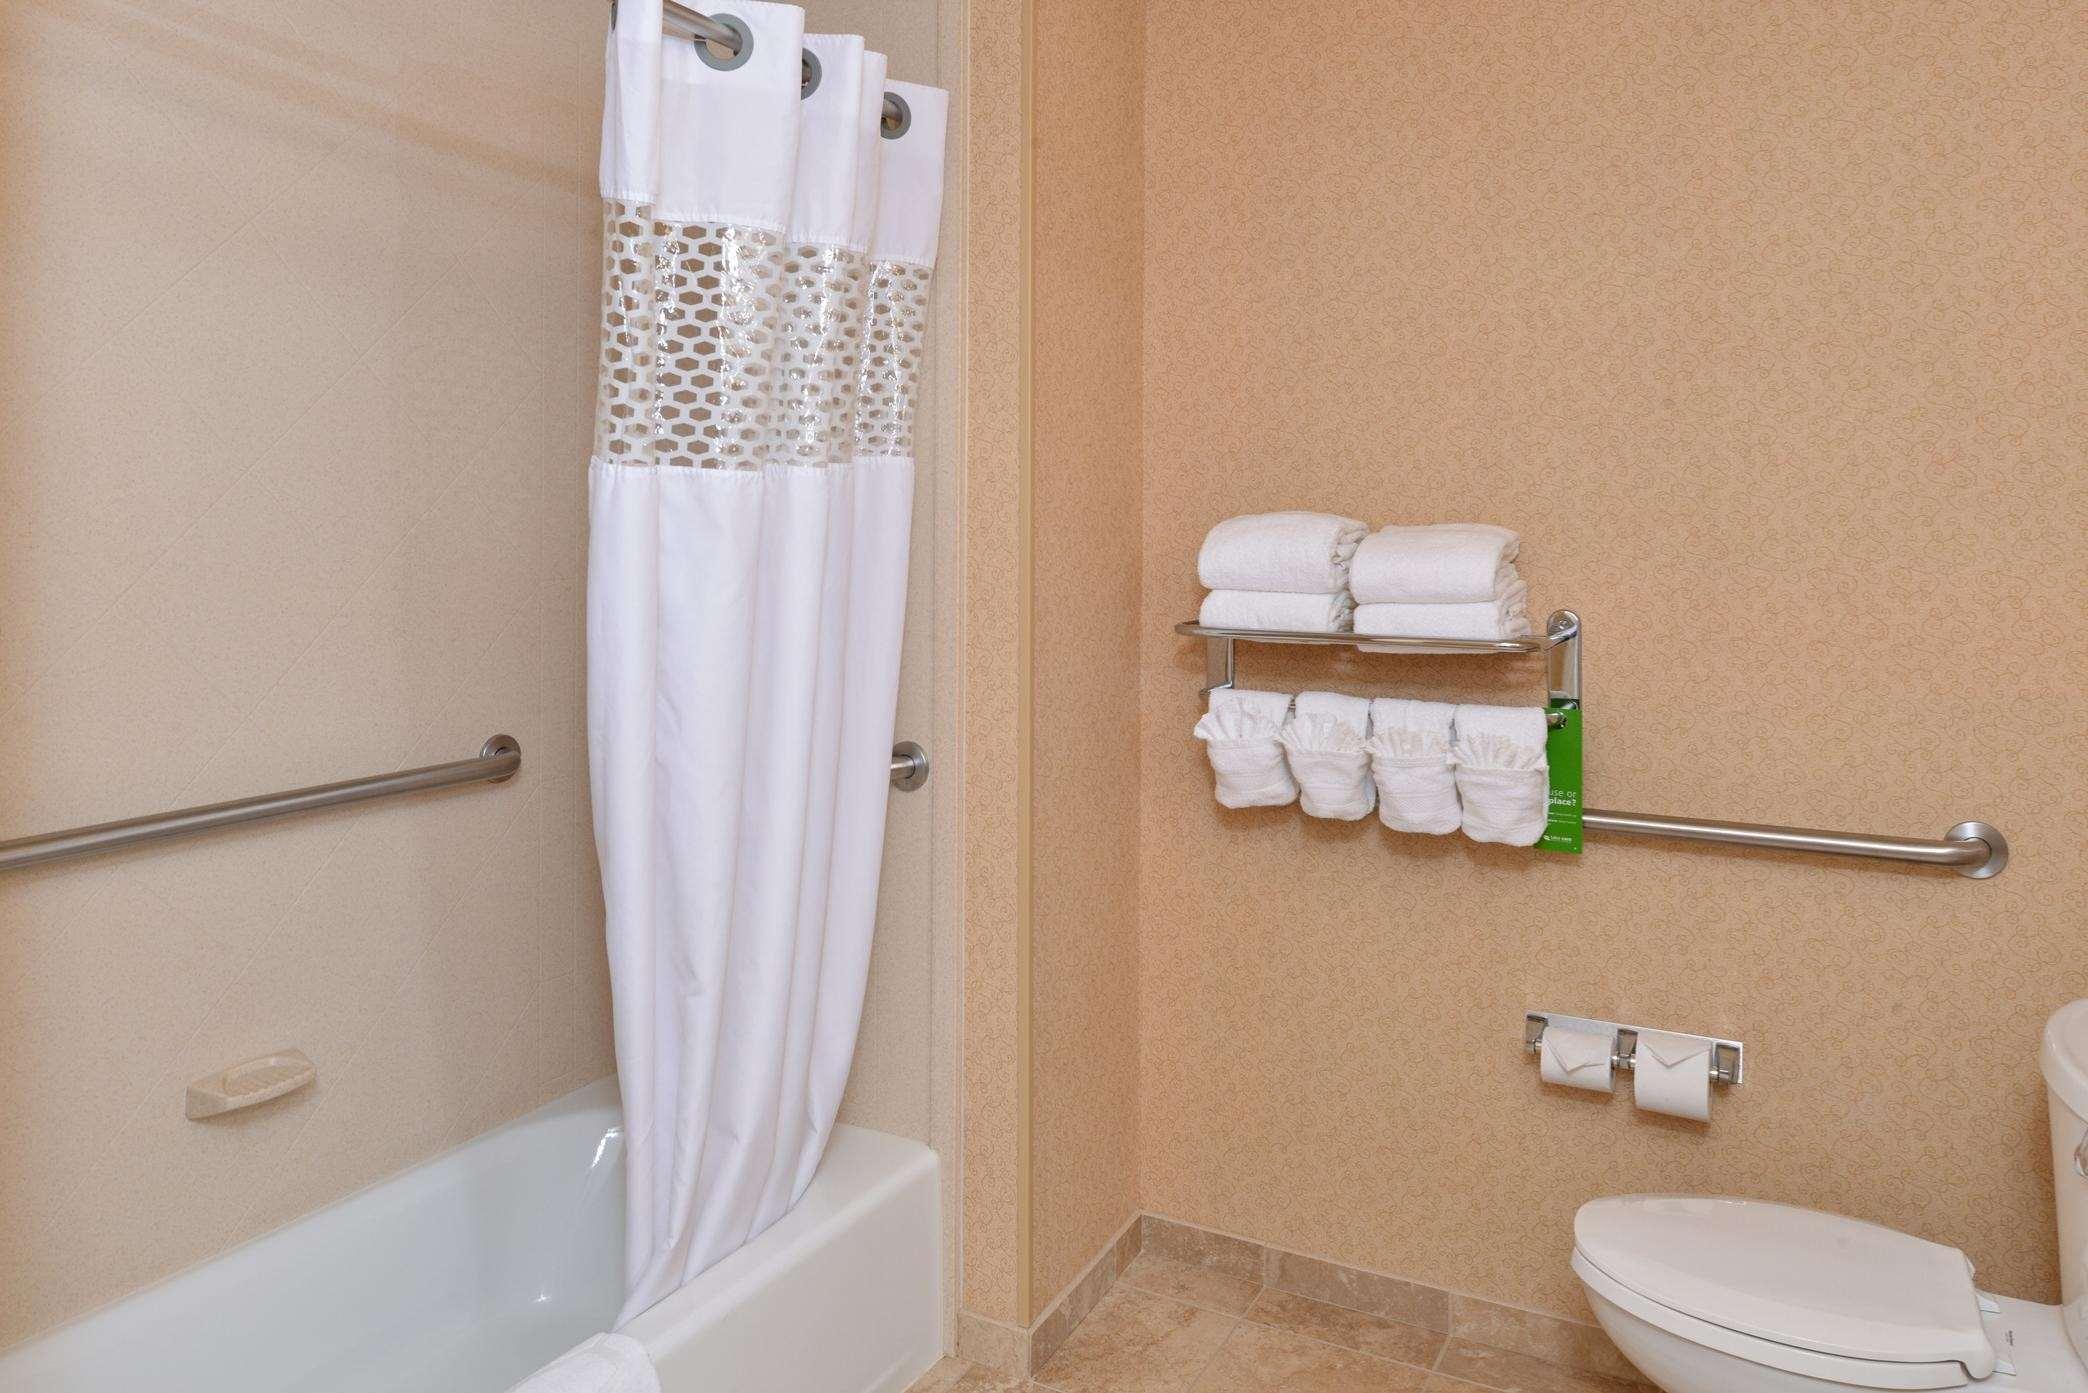 Hampton Inn & Suites Casper image 10